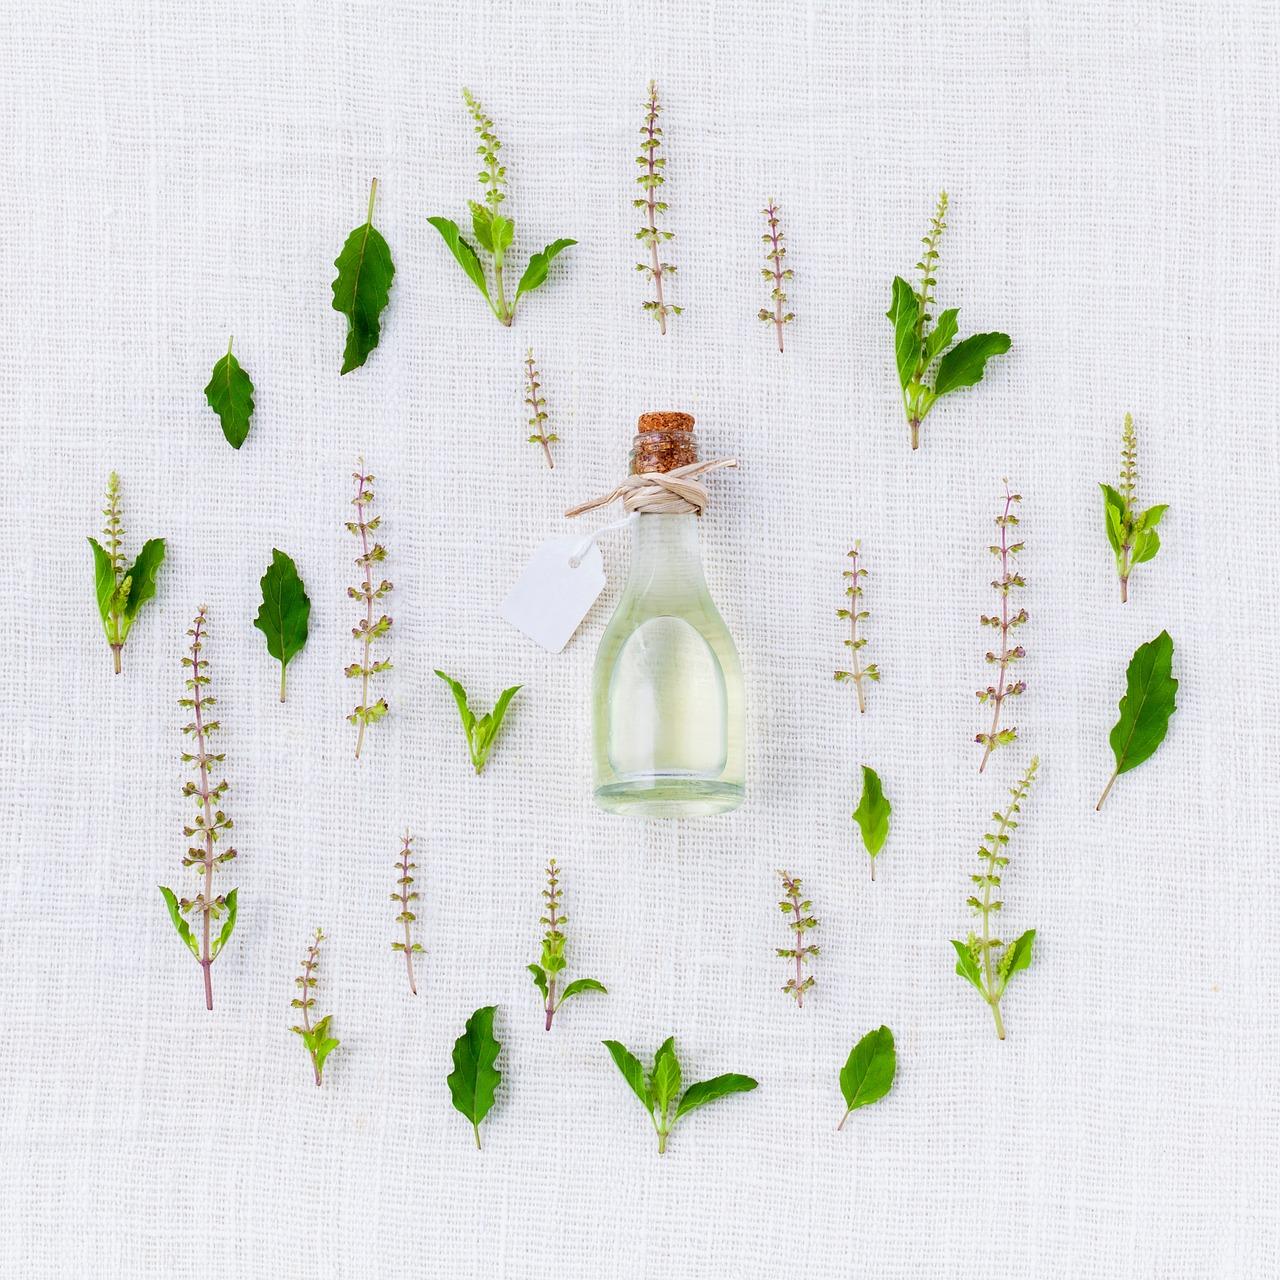 aroma-906137_1280